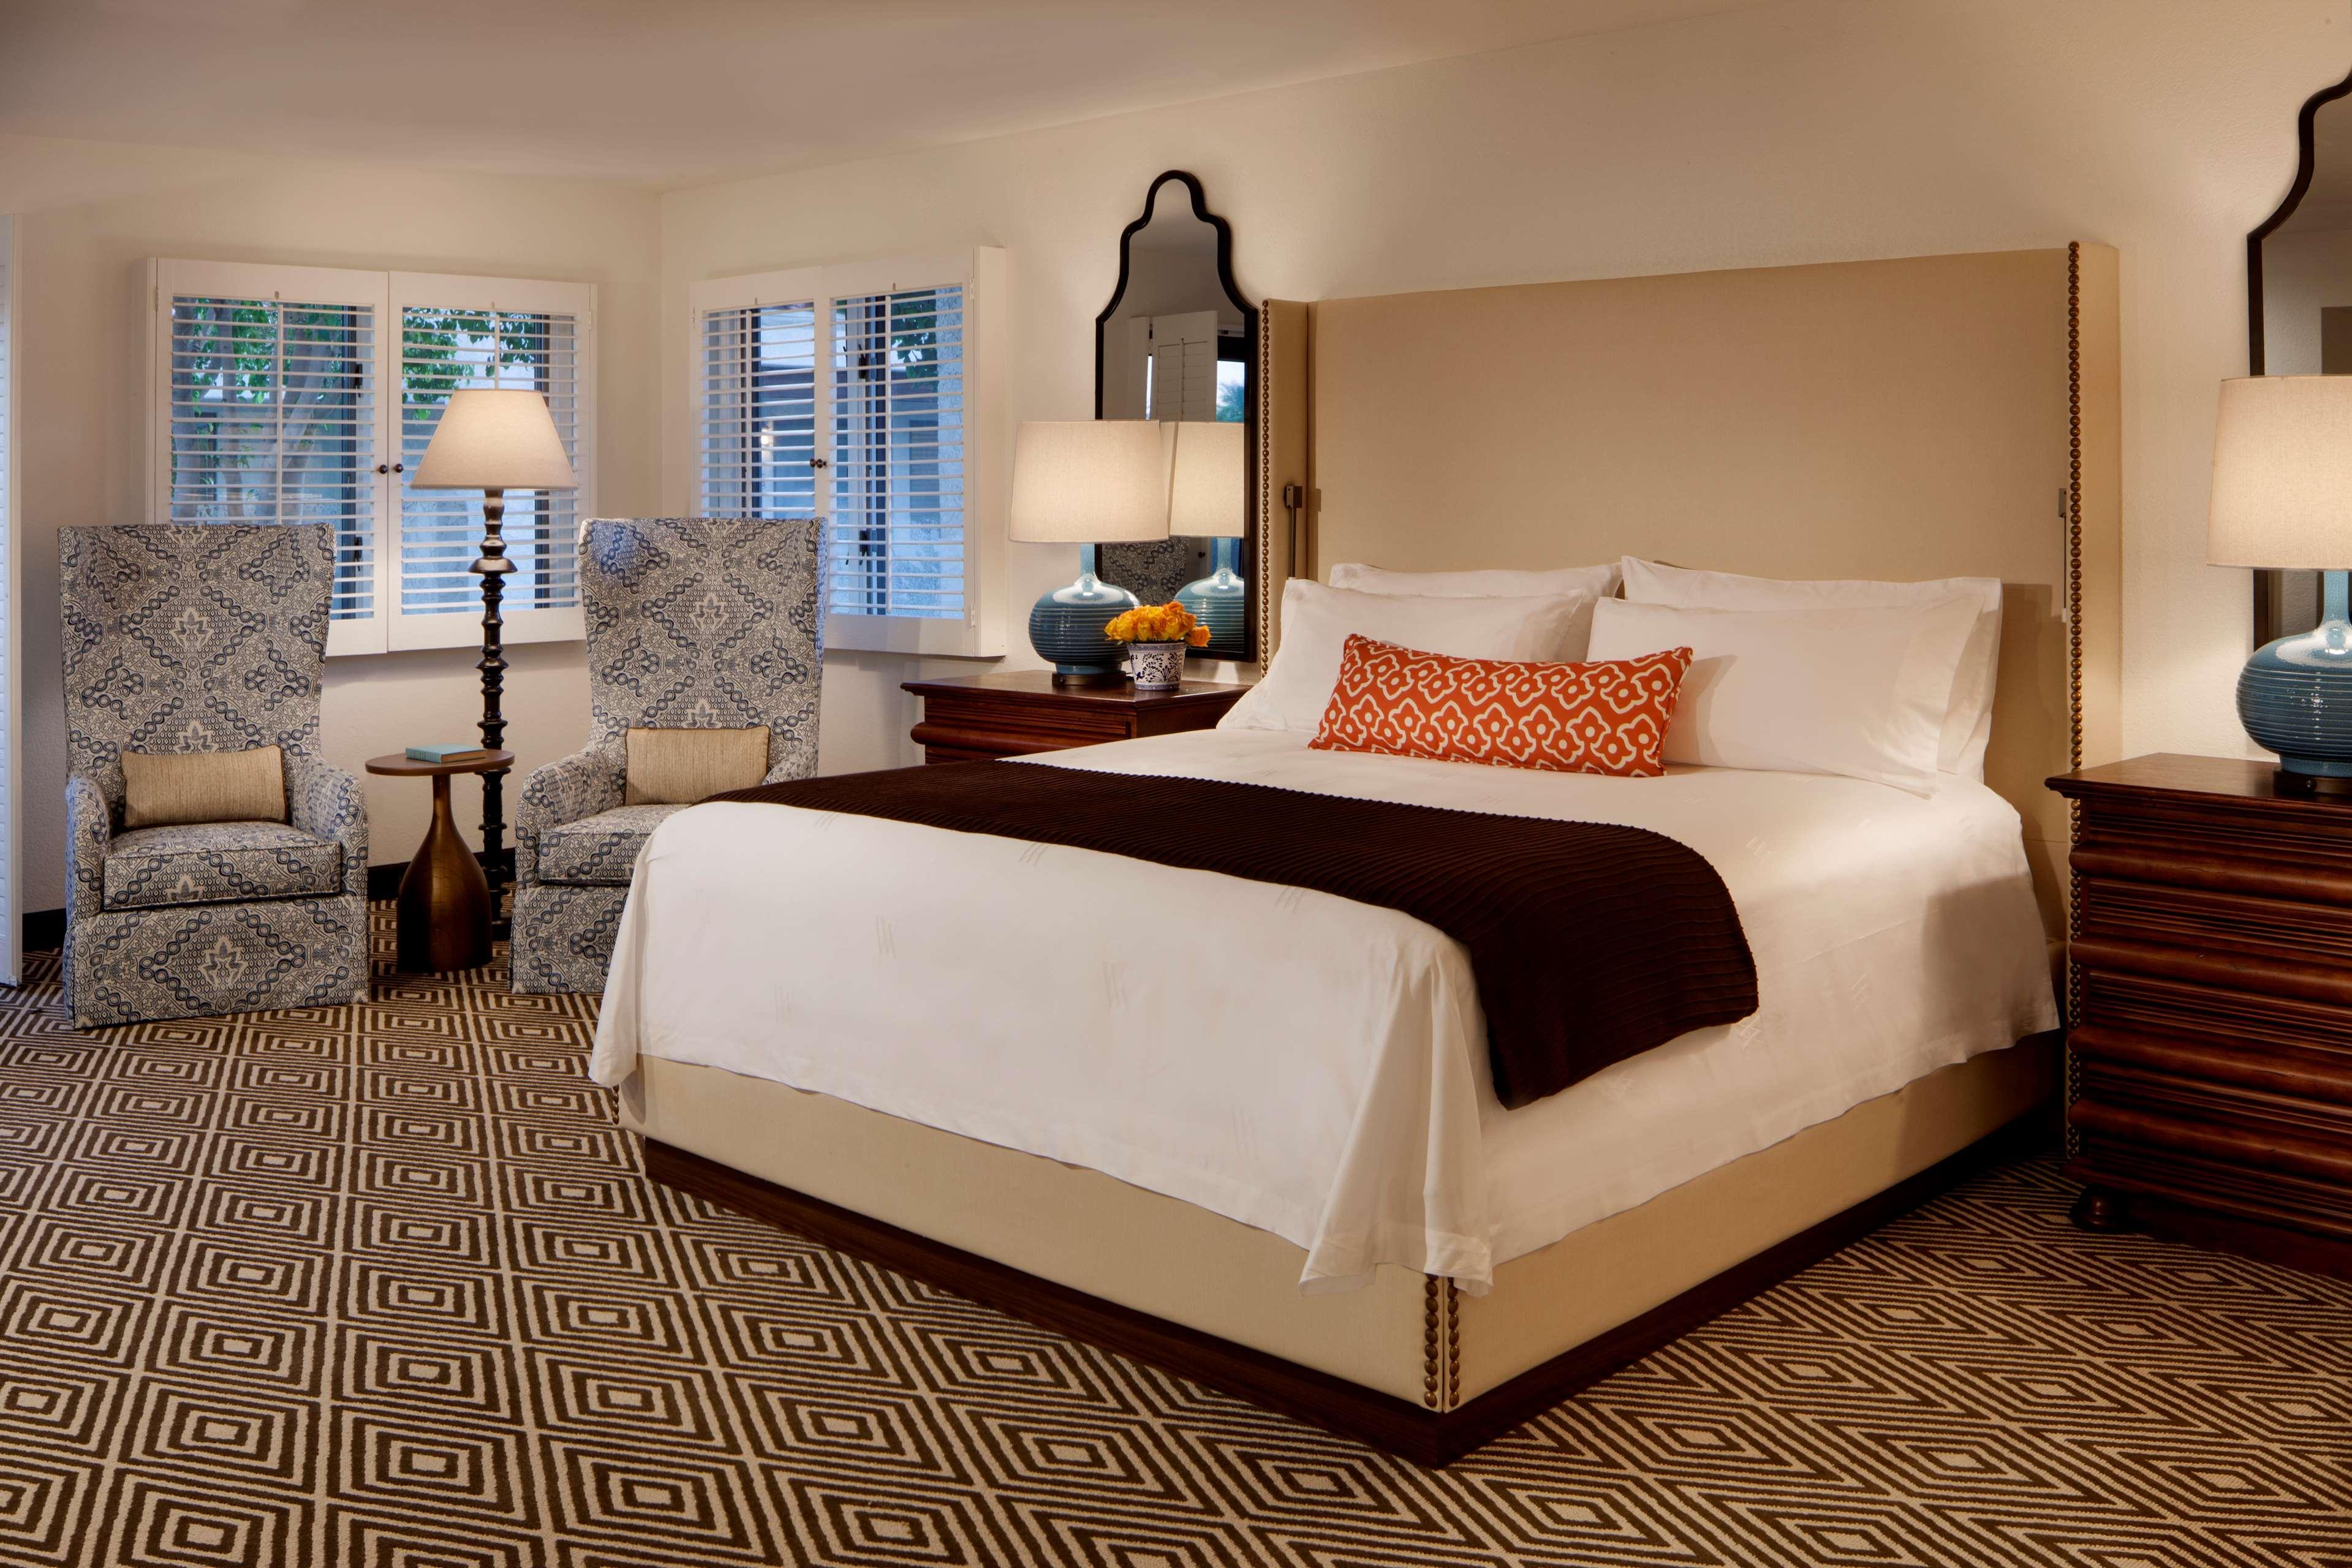 La Quinta Resort & Club, A Waldorf Astoria Resort image 33